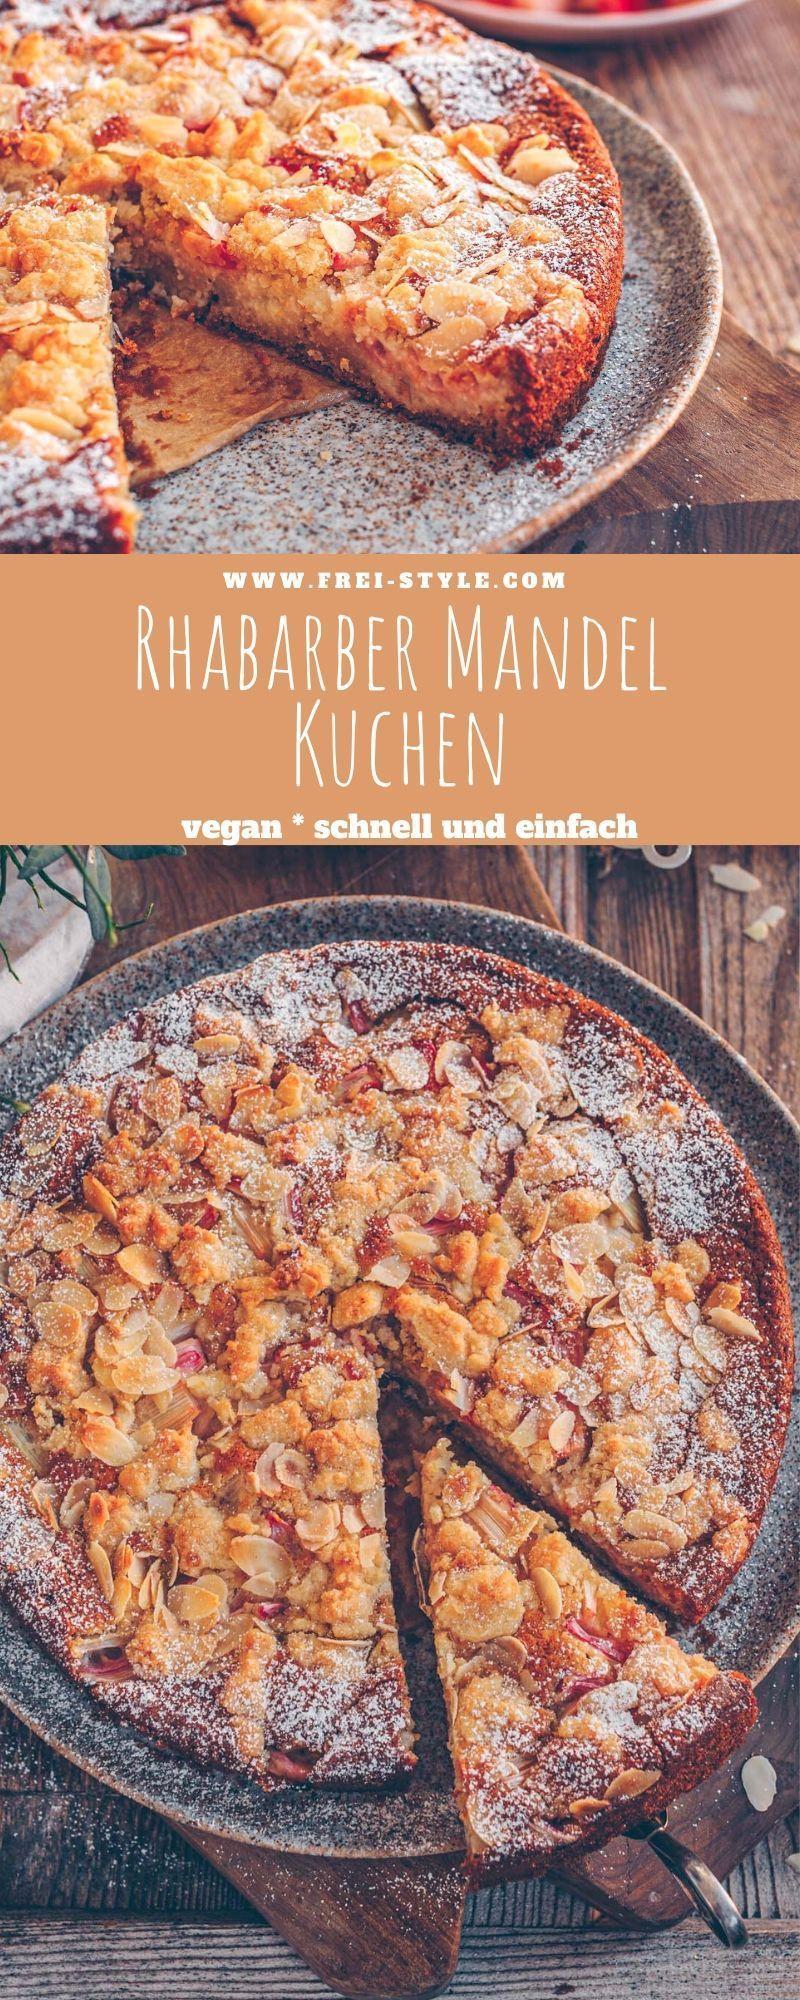 Rhabarber Mandel Kuchen * Freistyle